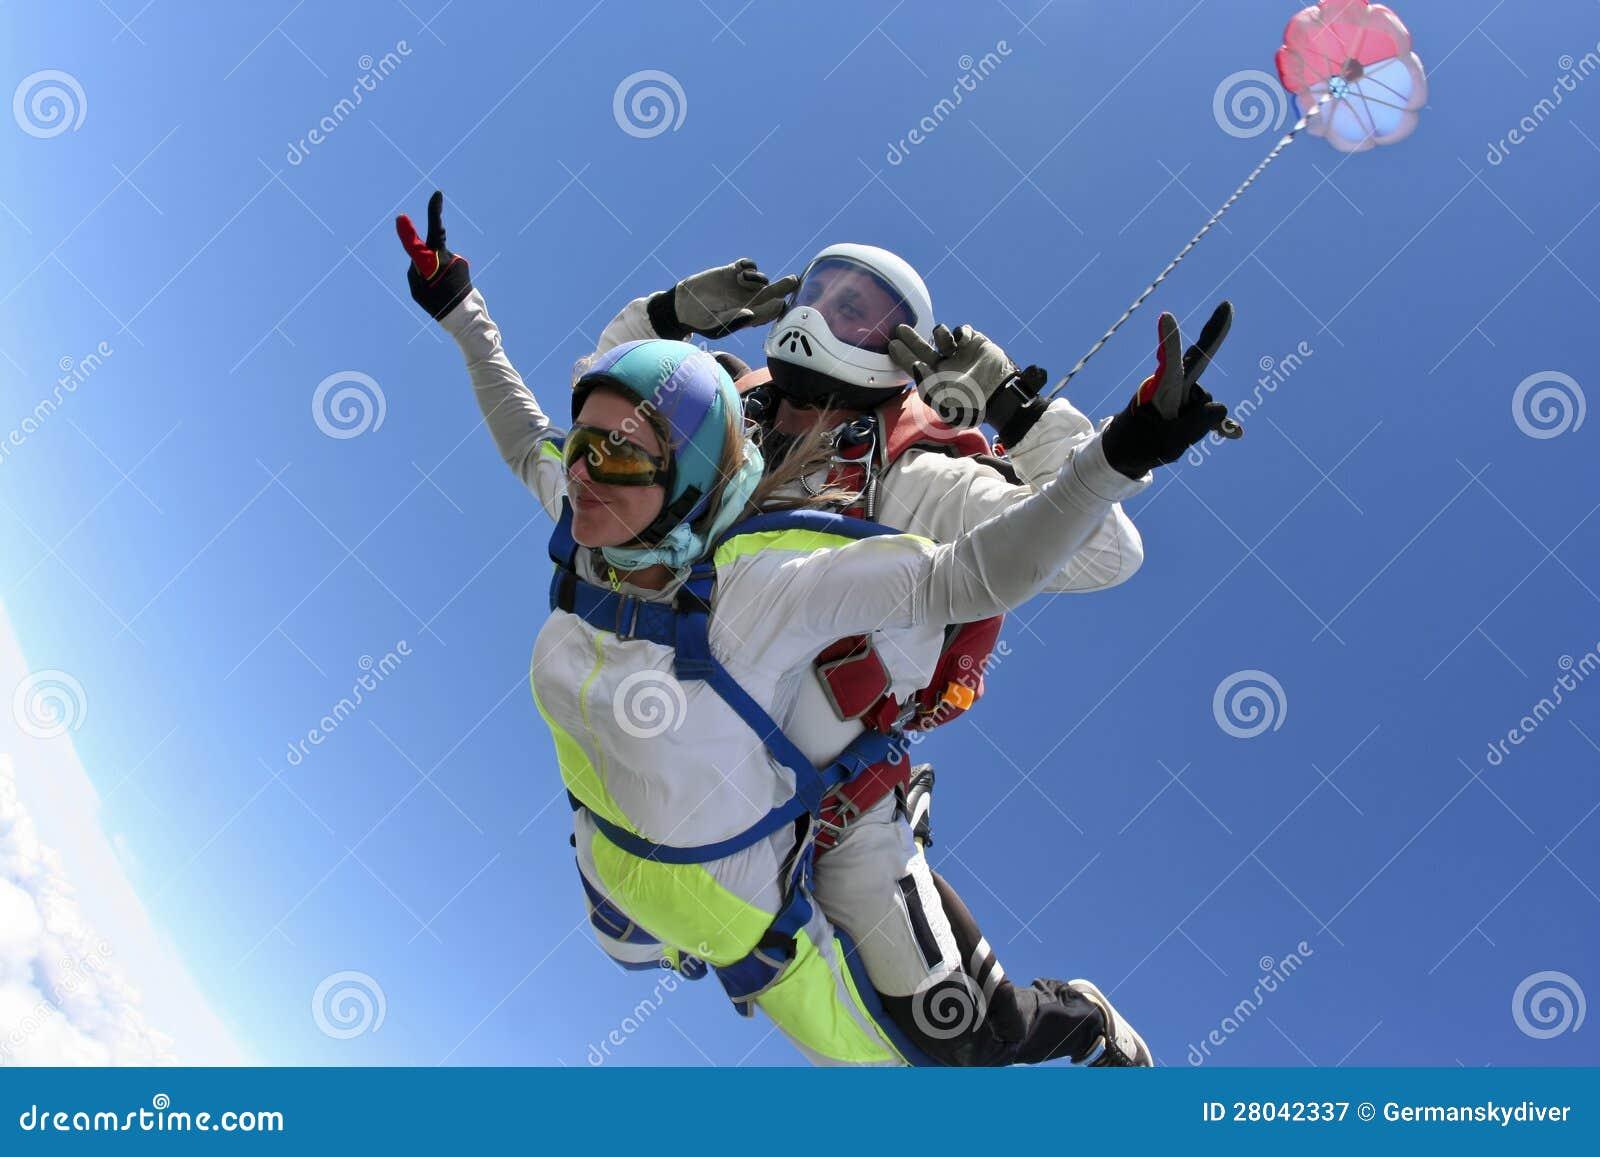 Фото Skydiving. Тандемно.